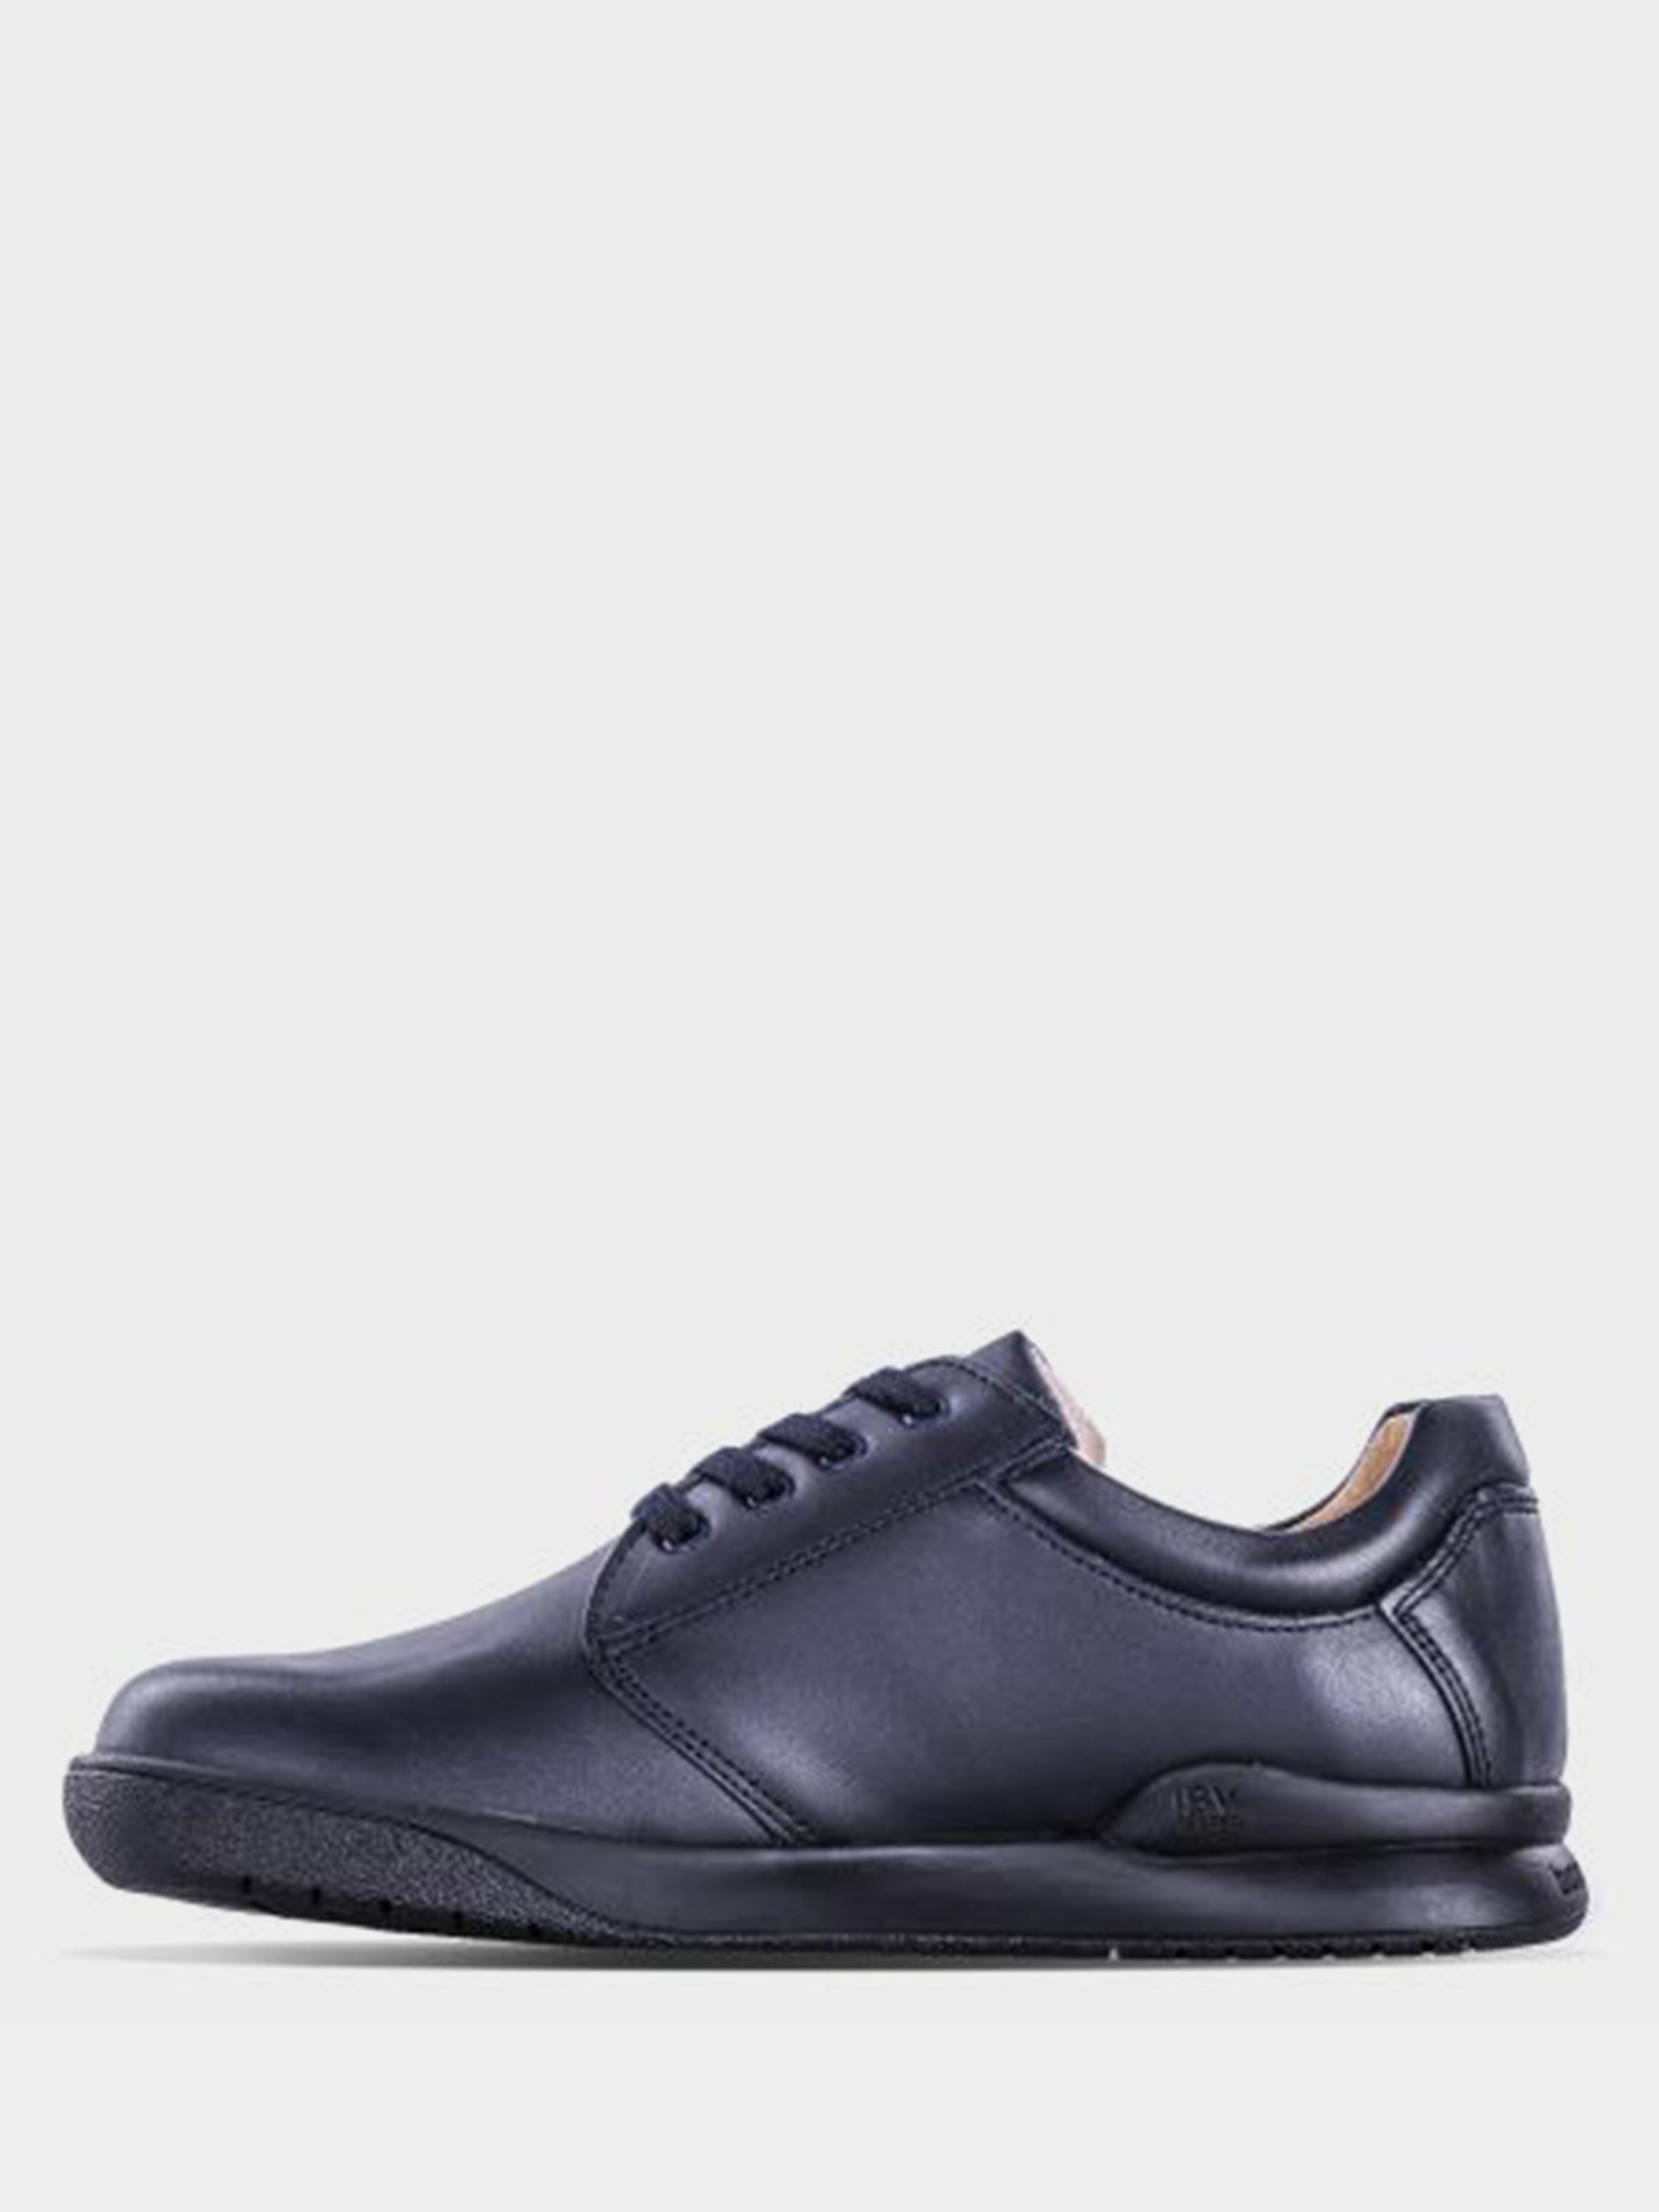 Ботинки для детей Biomecanics AZUL MARINO (NAPA) YV321 модная обувь, 2017